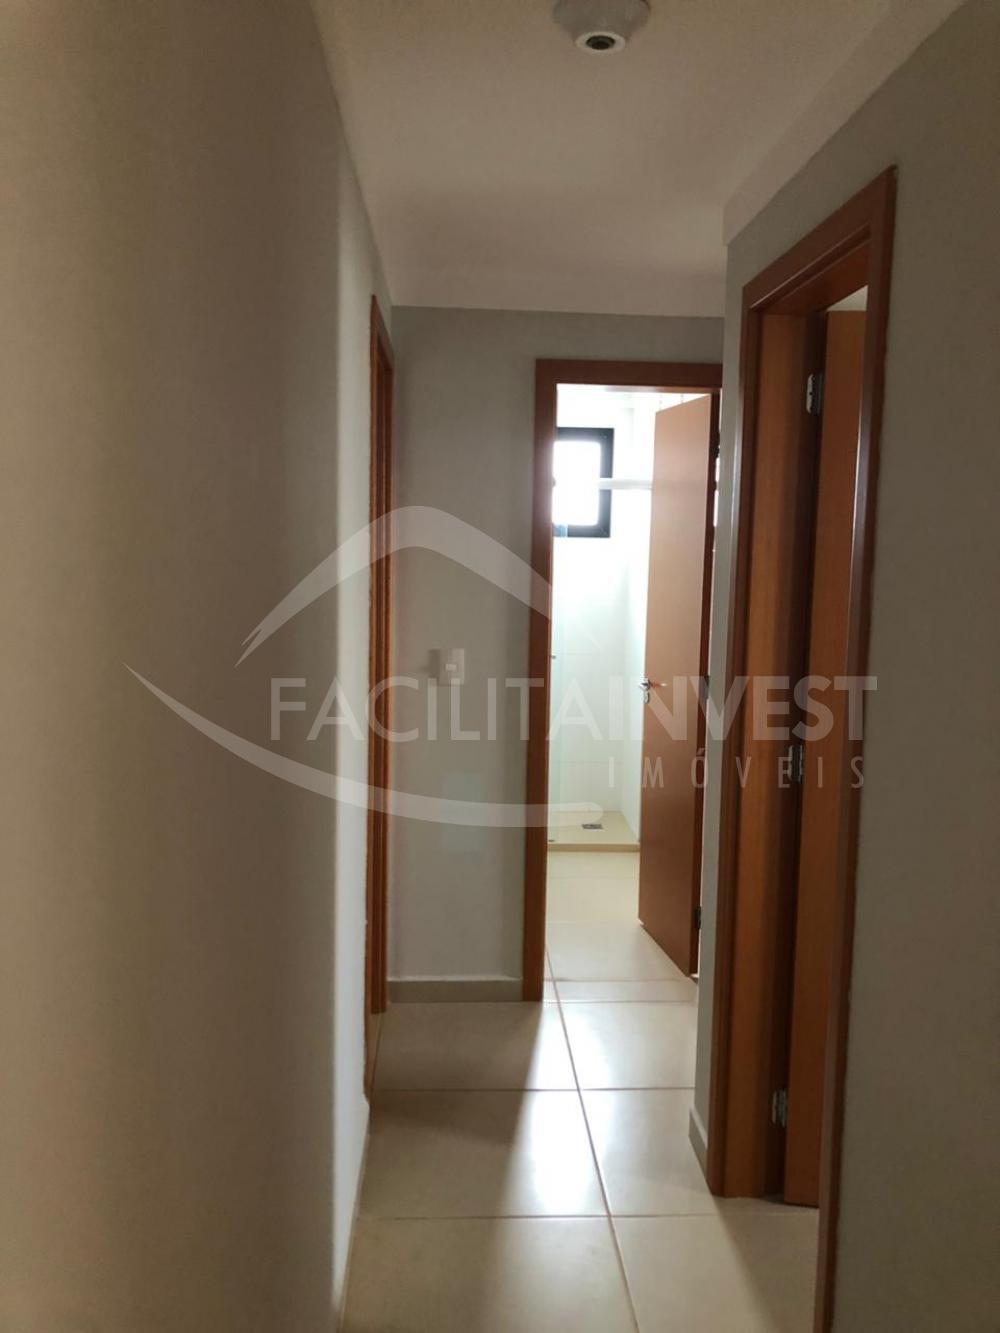 Alugar Apartamentos / Apart. Padrão em Ribeirão Preto apenas R$ 1.750,00 - Foto 10